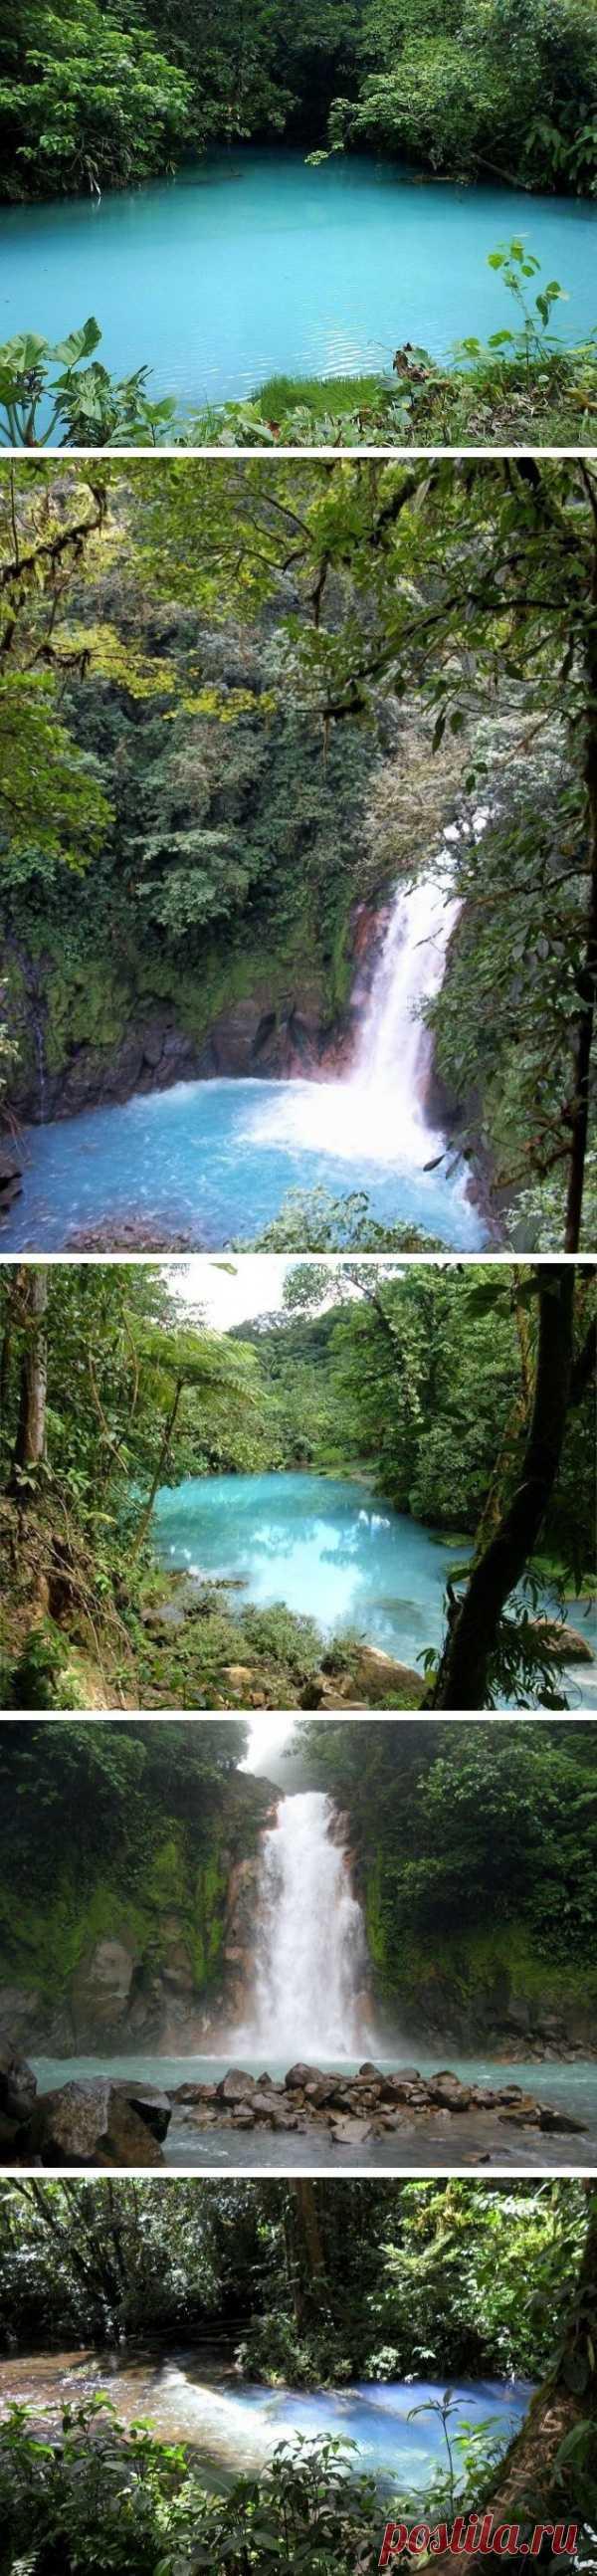 Река с бирюзовой водой Рил-Селеста. Коста-Рика